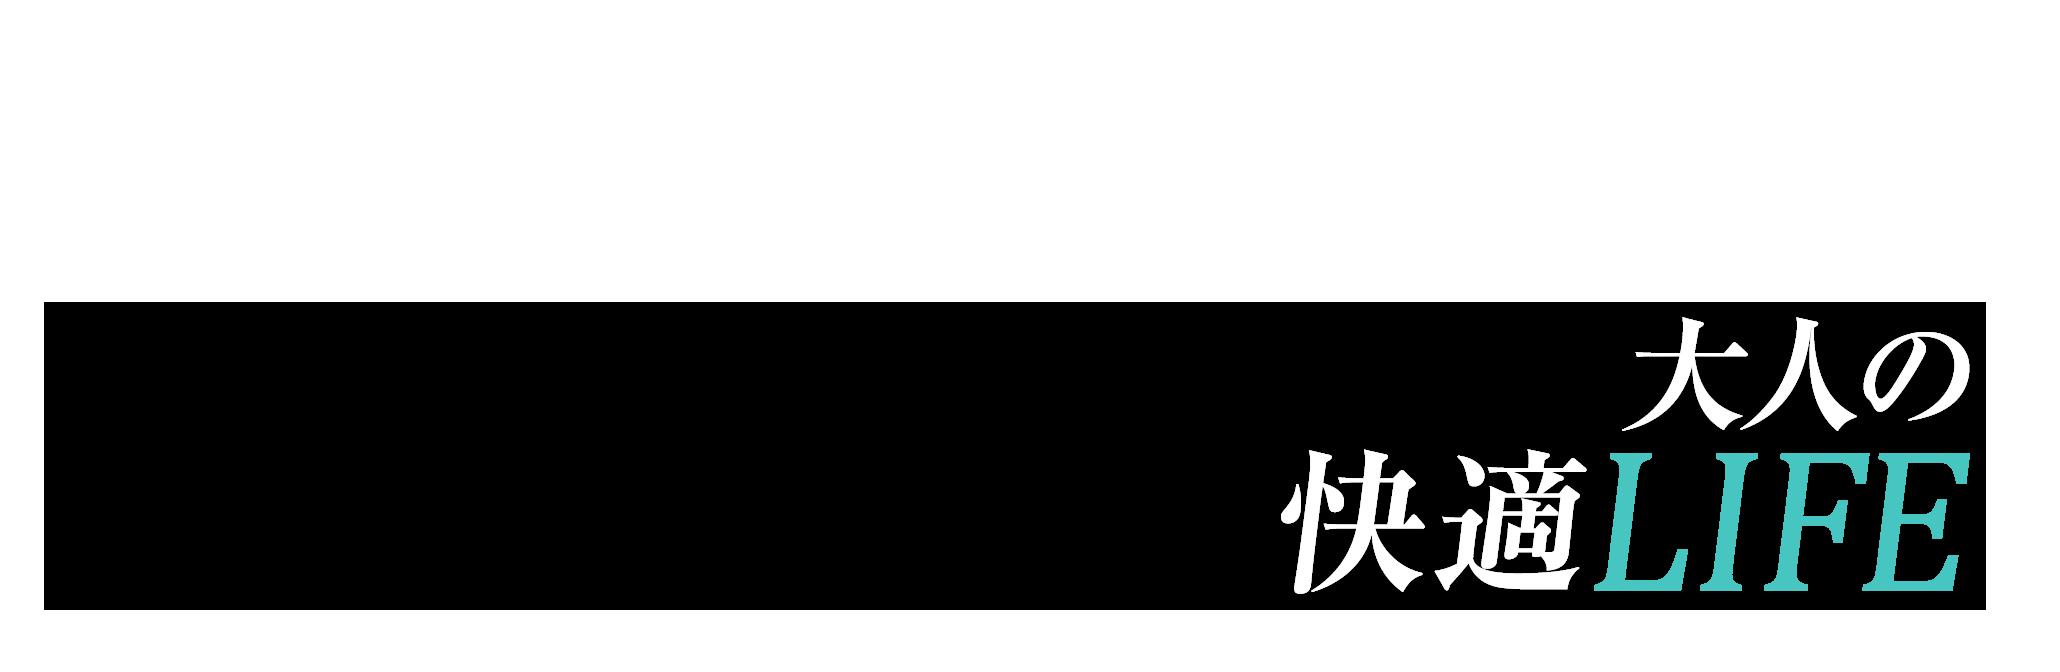 モノにこだわる男のためのライフスタイルマガジン「グーダ」 2019 vol.47 大人の快適LIFE